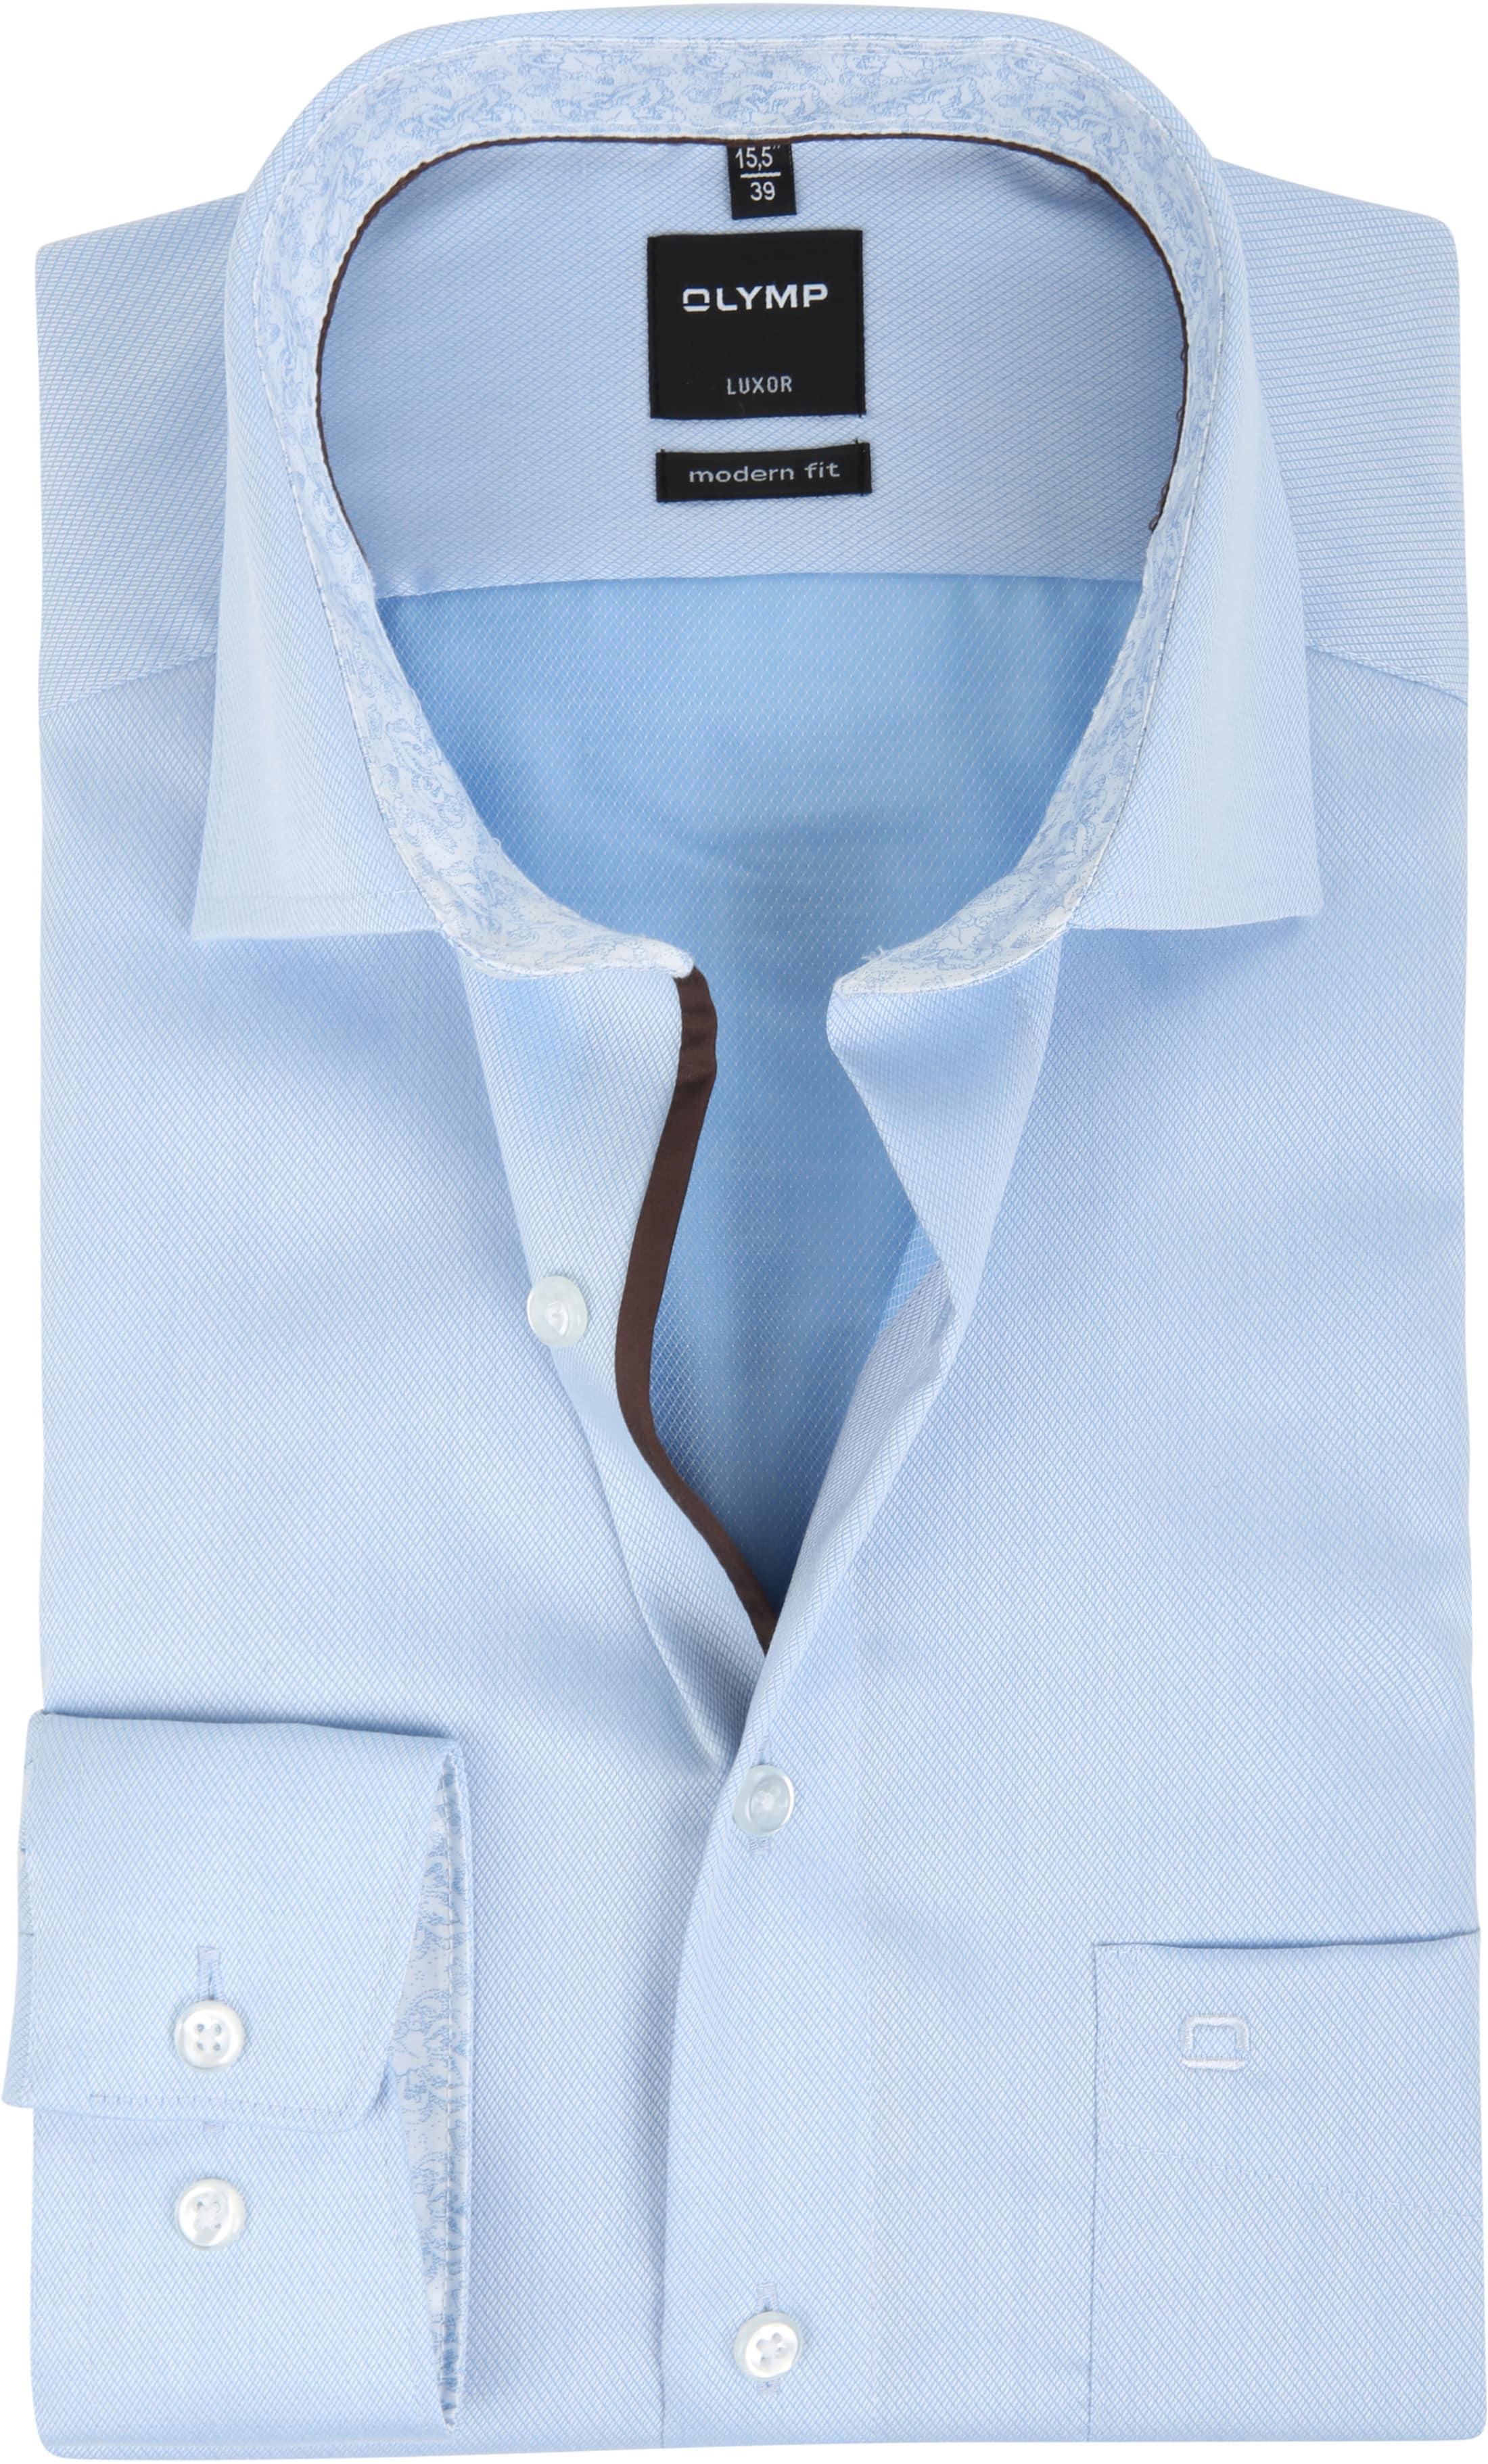 olymp luxor modern fit light blue 124824 order online. Black Bedroom Furniture Sets. Home Design Ideas